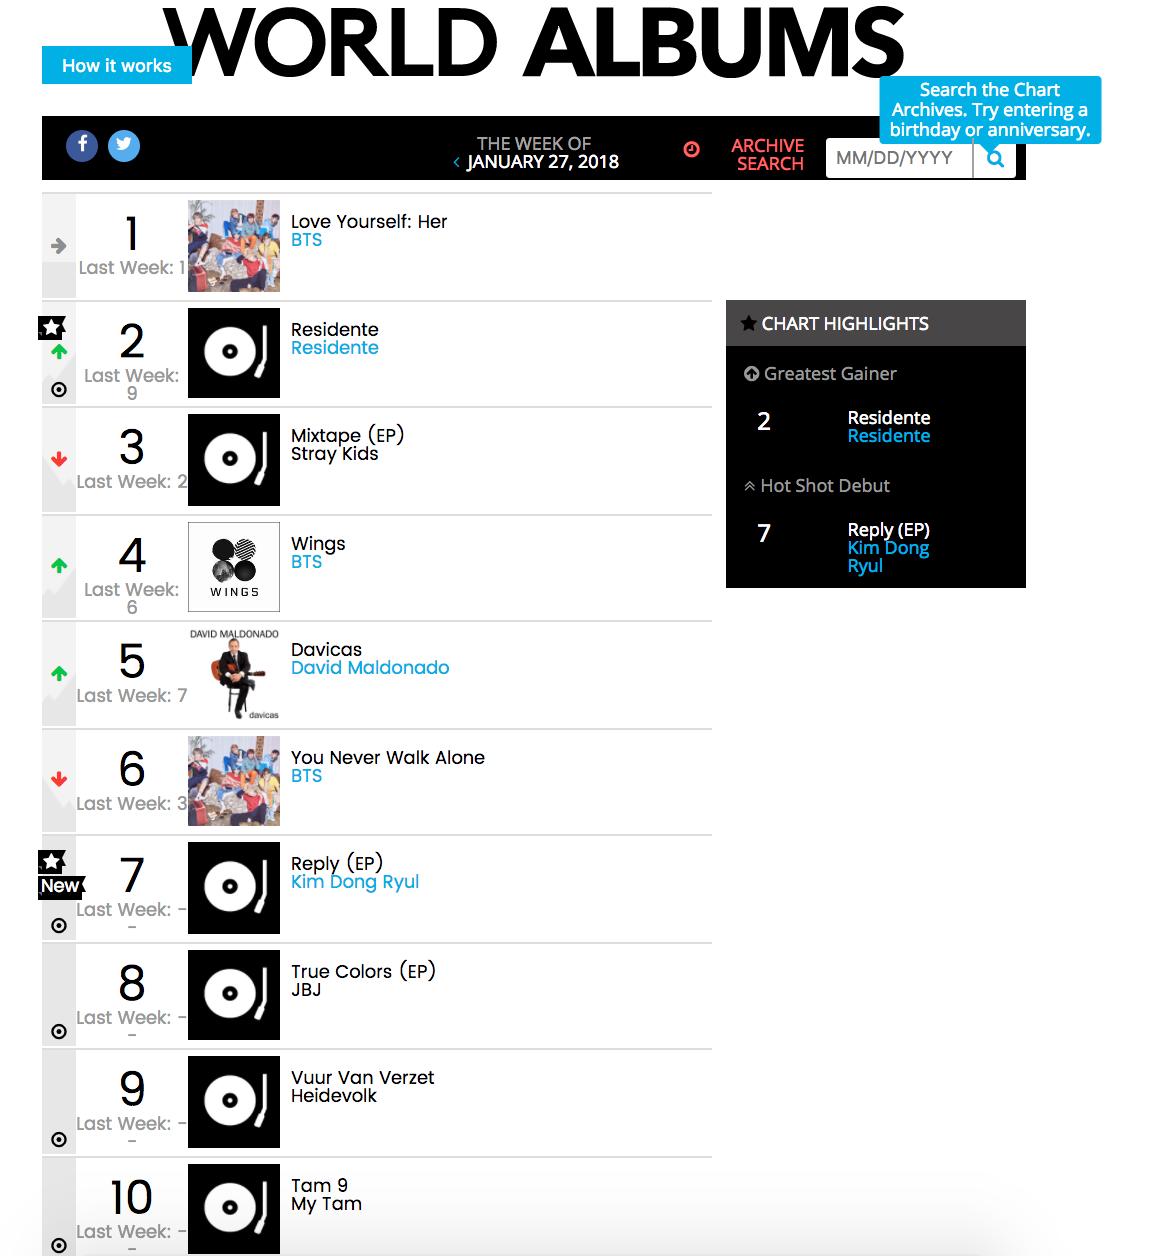 HOT: Chuyện không thể tin, album vol 9 của Mỹ Tâm bất ngờ lọt top 10 BXH Billboard thế giới trong tuần qua - Ảnh 1.